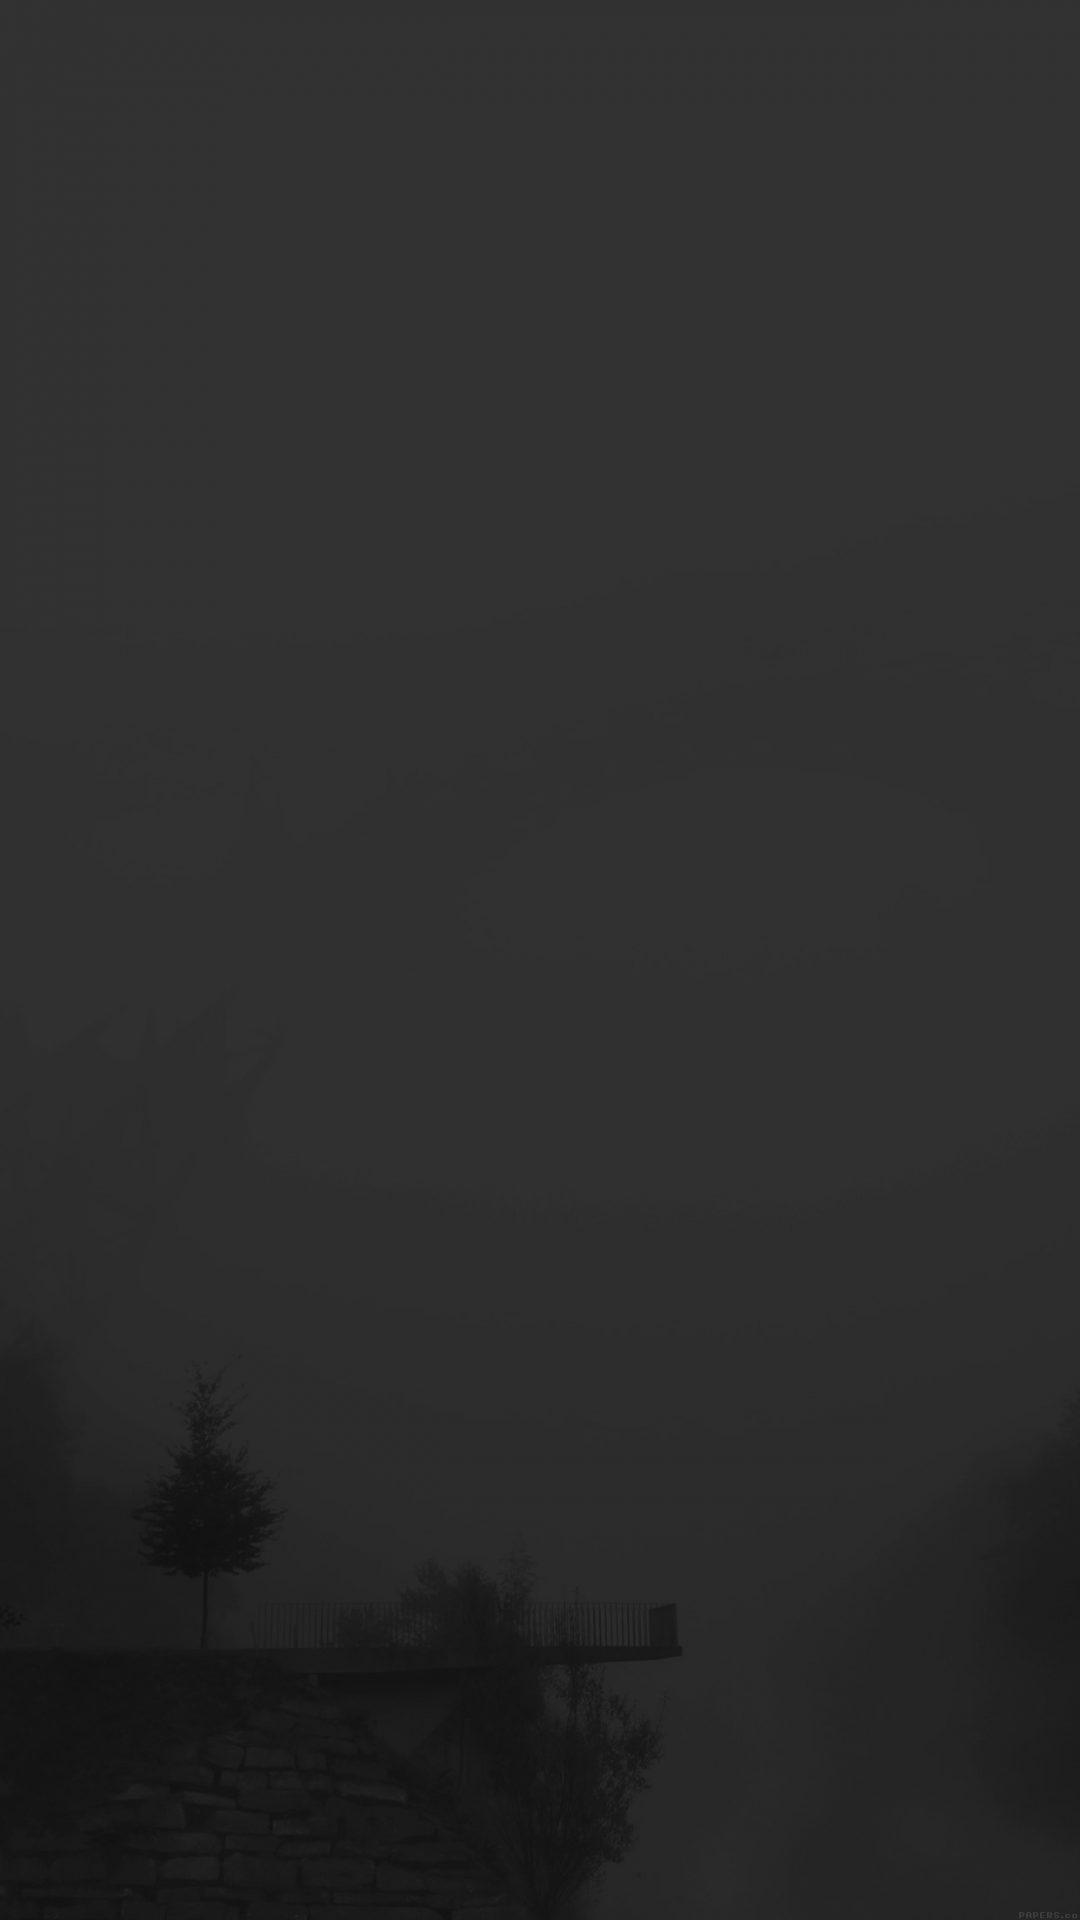 Foggy Bridge Dark Herr Olsenmungsten Tree Nature